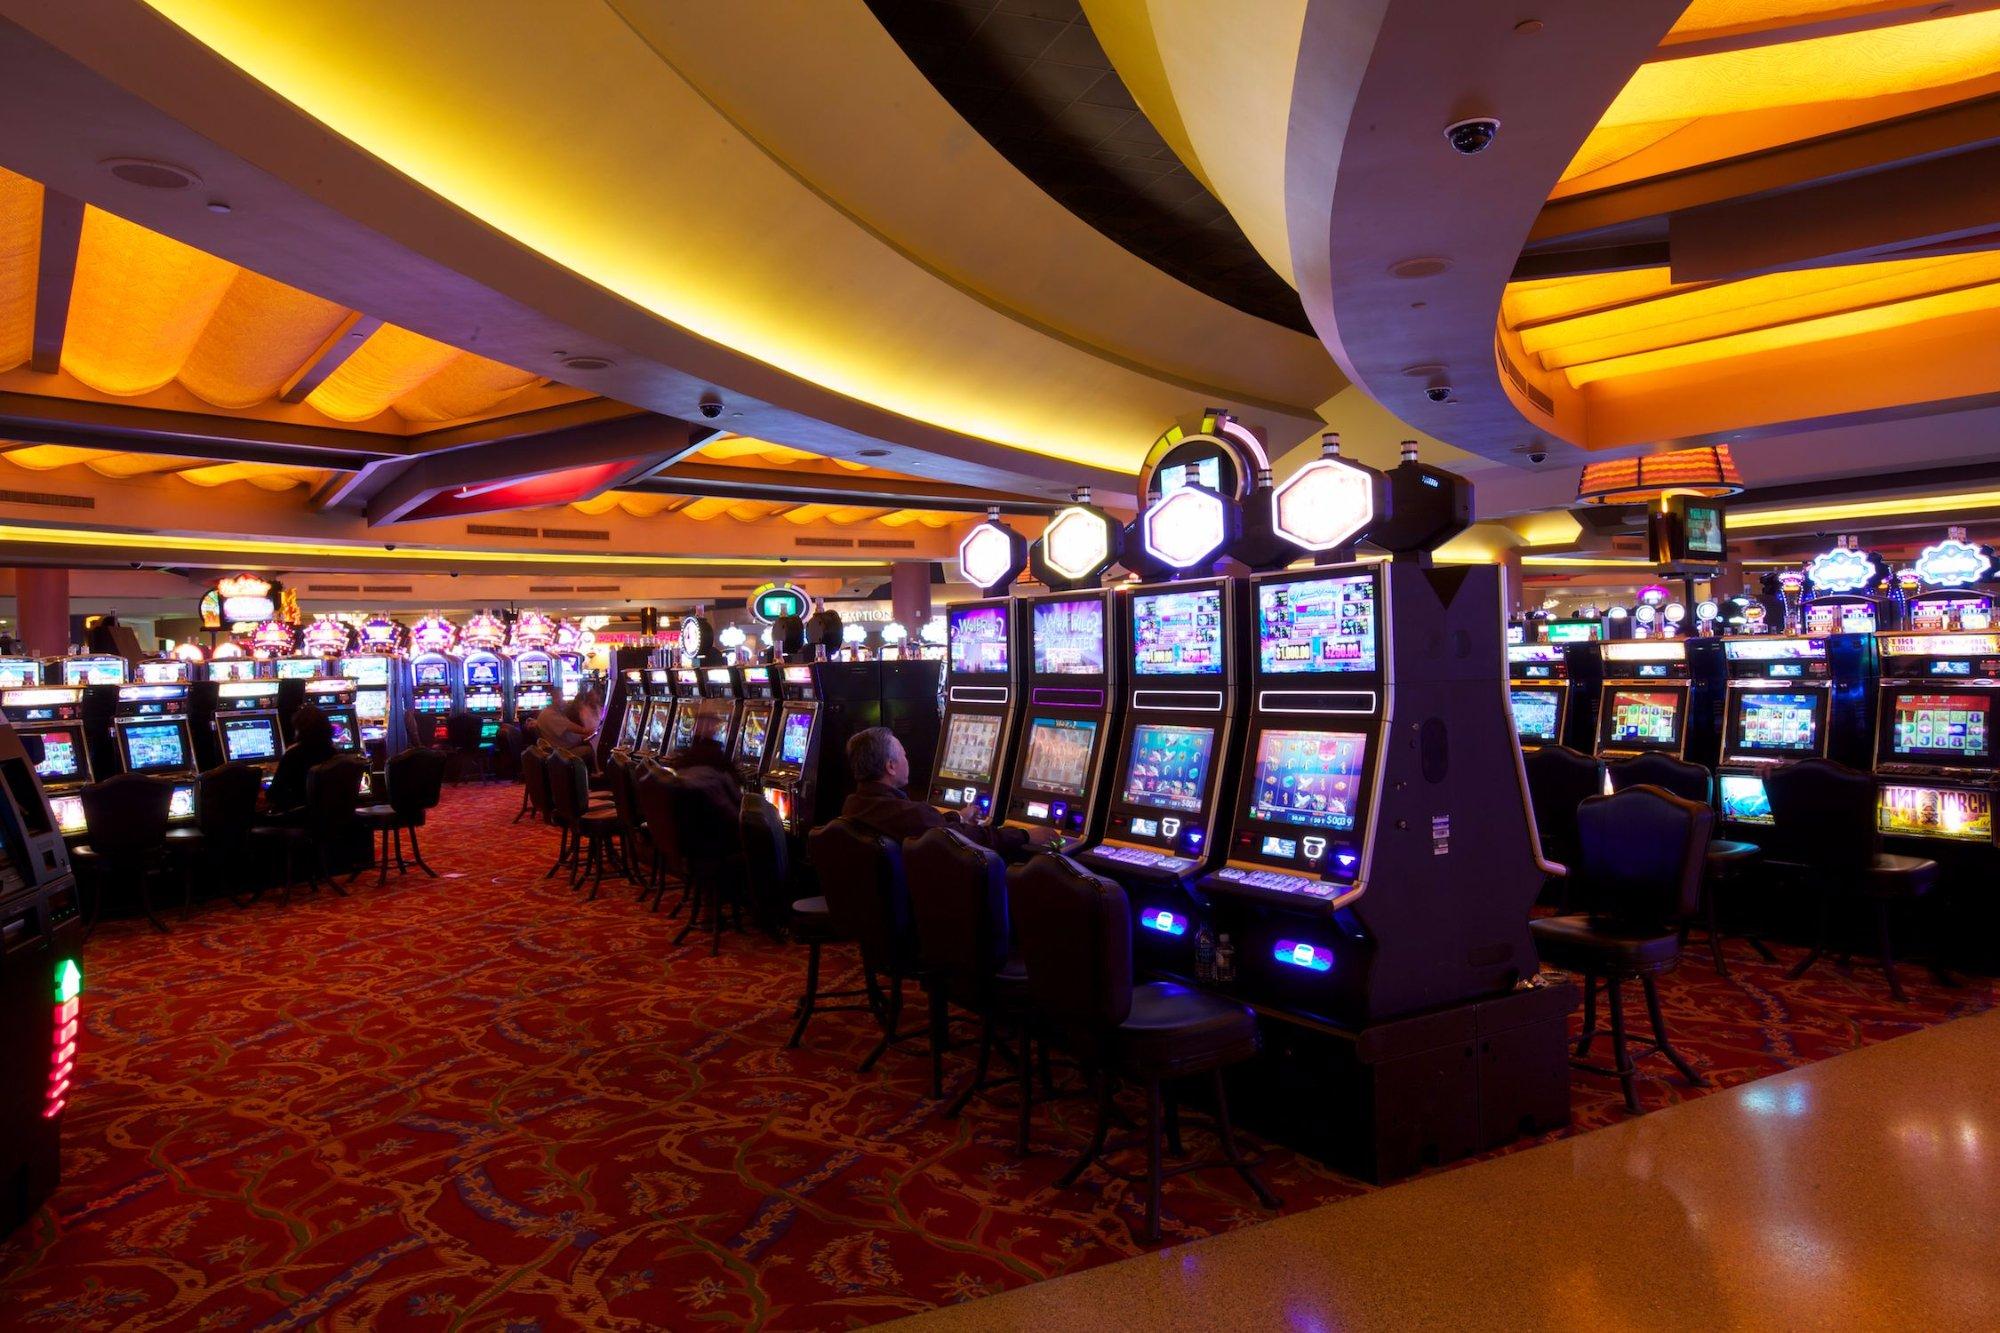 Murango casino california chukchansi casino and